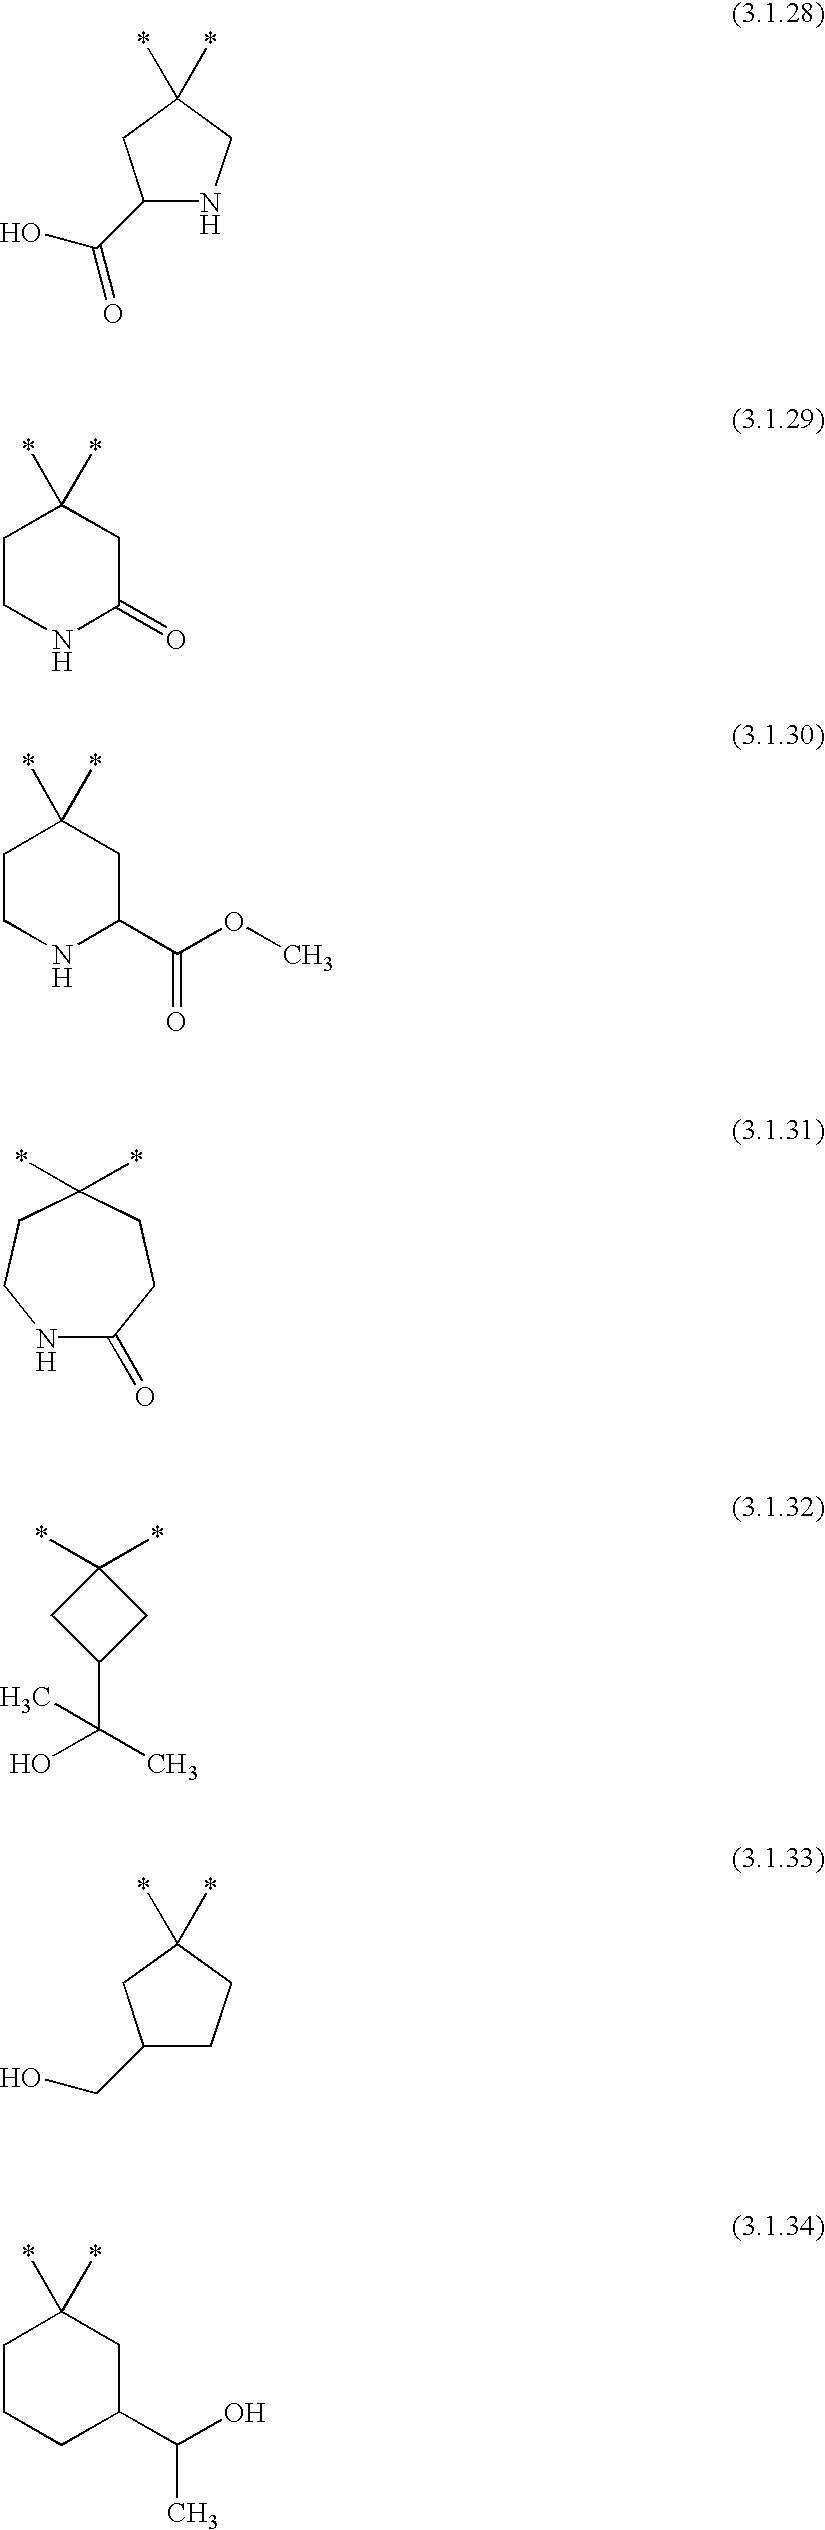 Figure US20030186974A1-20031002-C00140